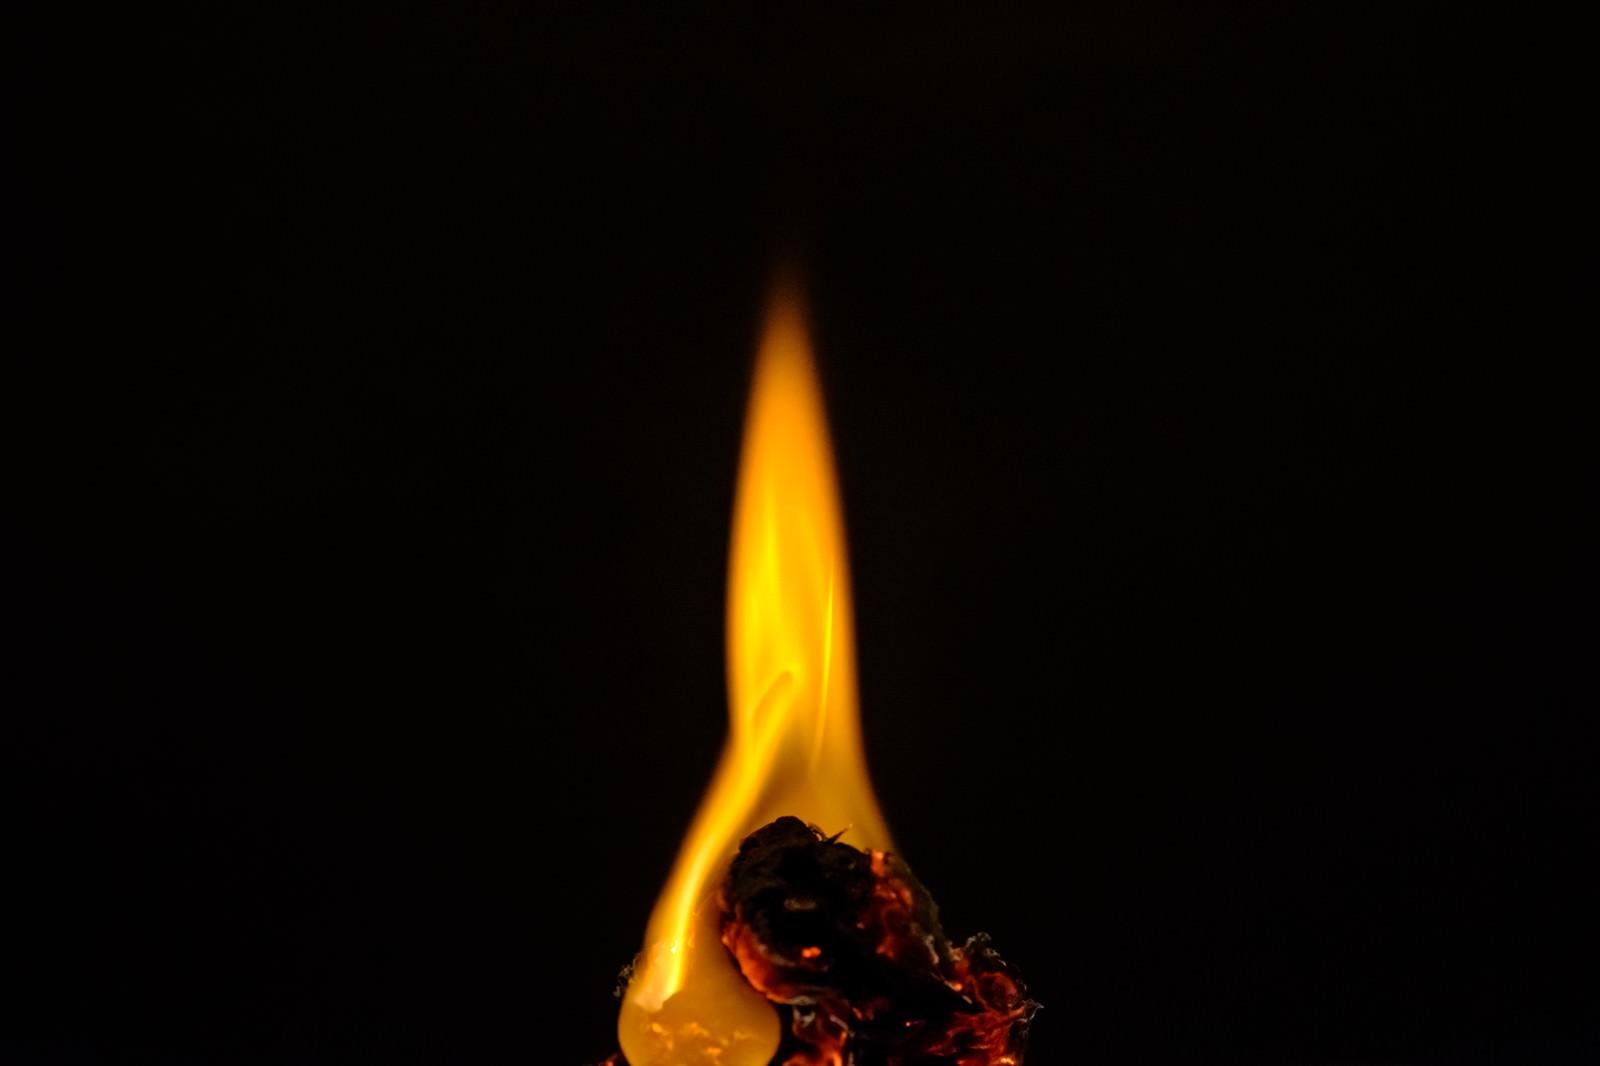 「小さく燃える」の写真